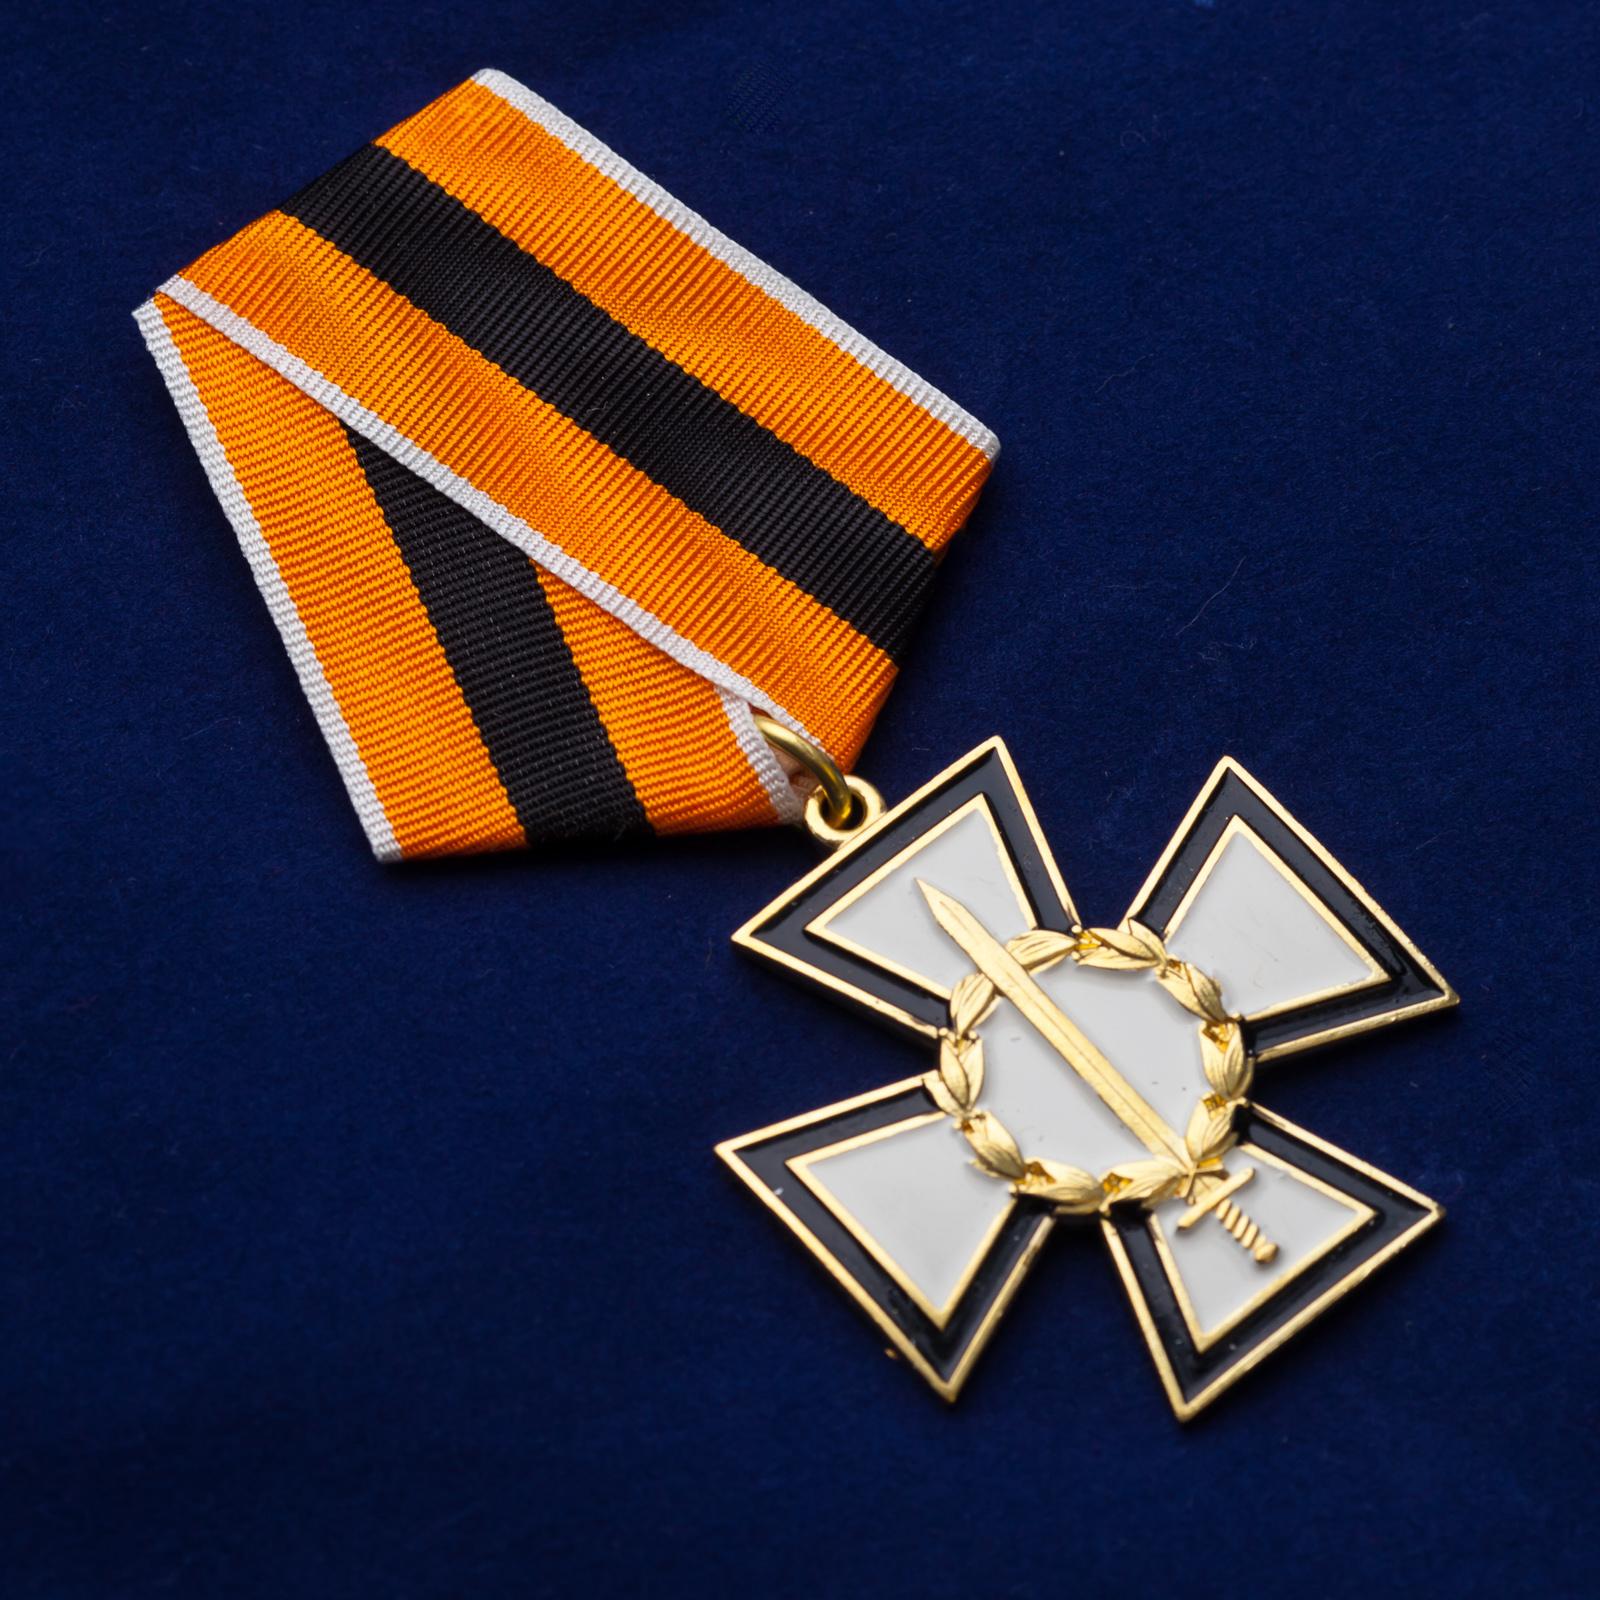 Награда для достойных граждан России